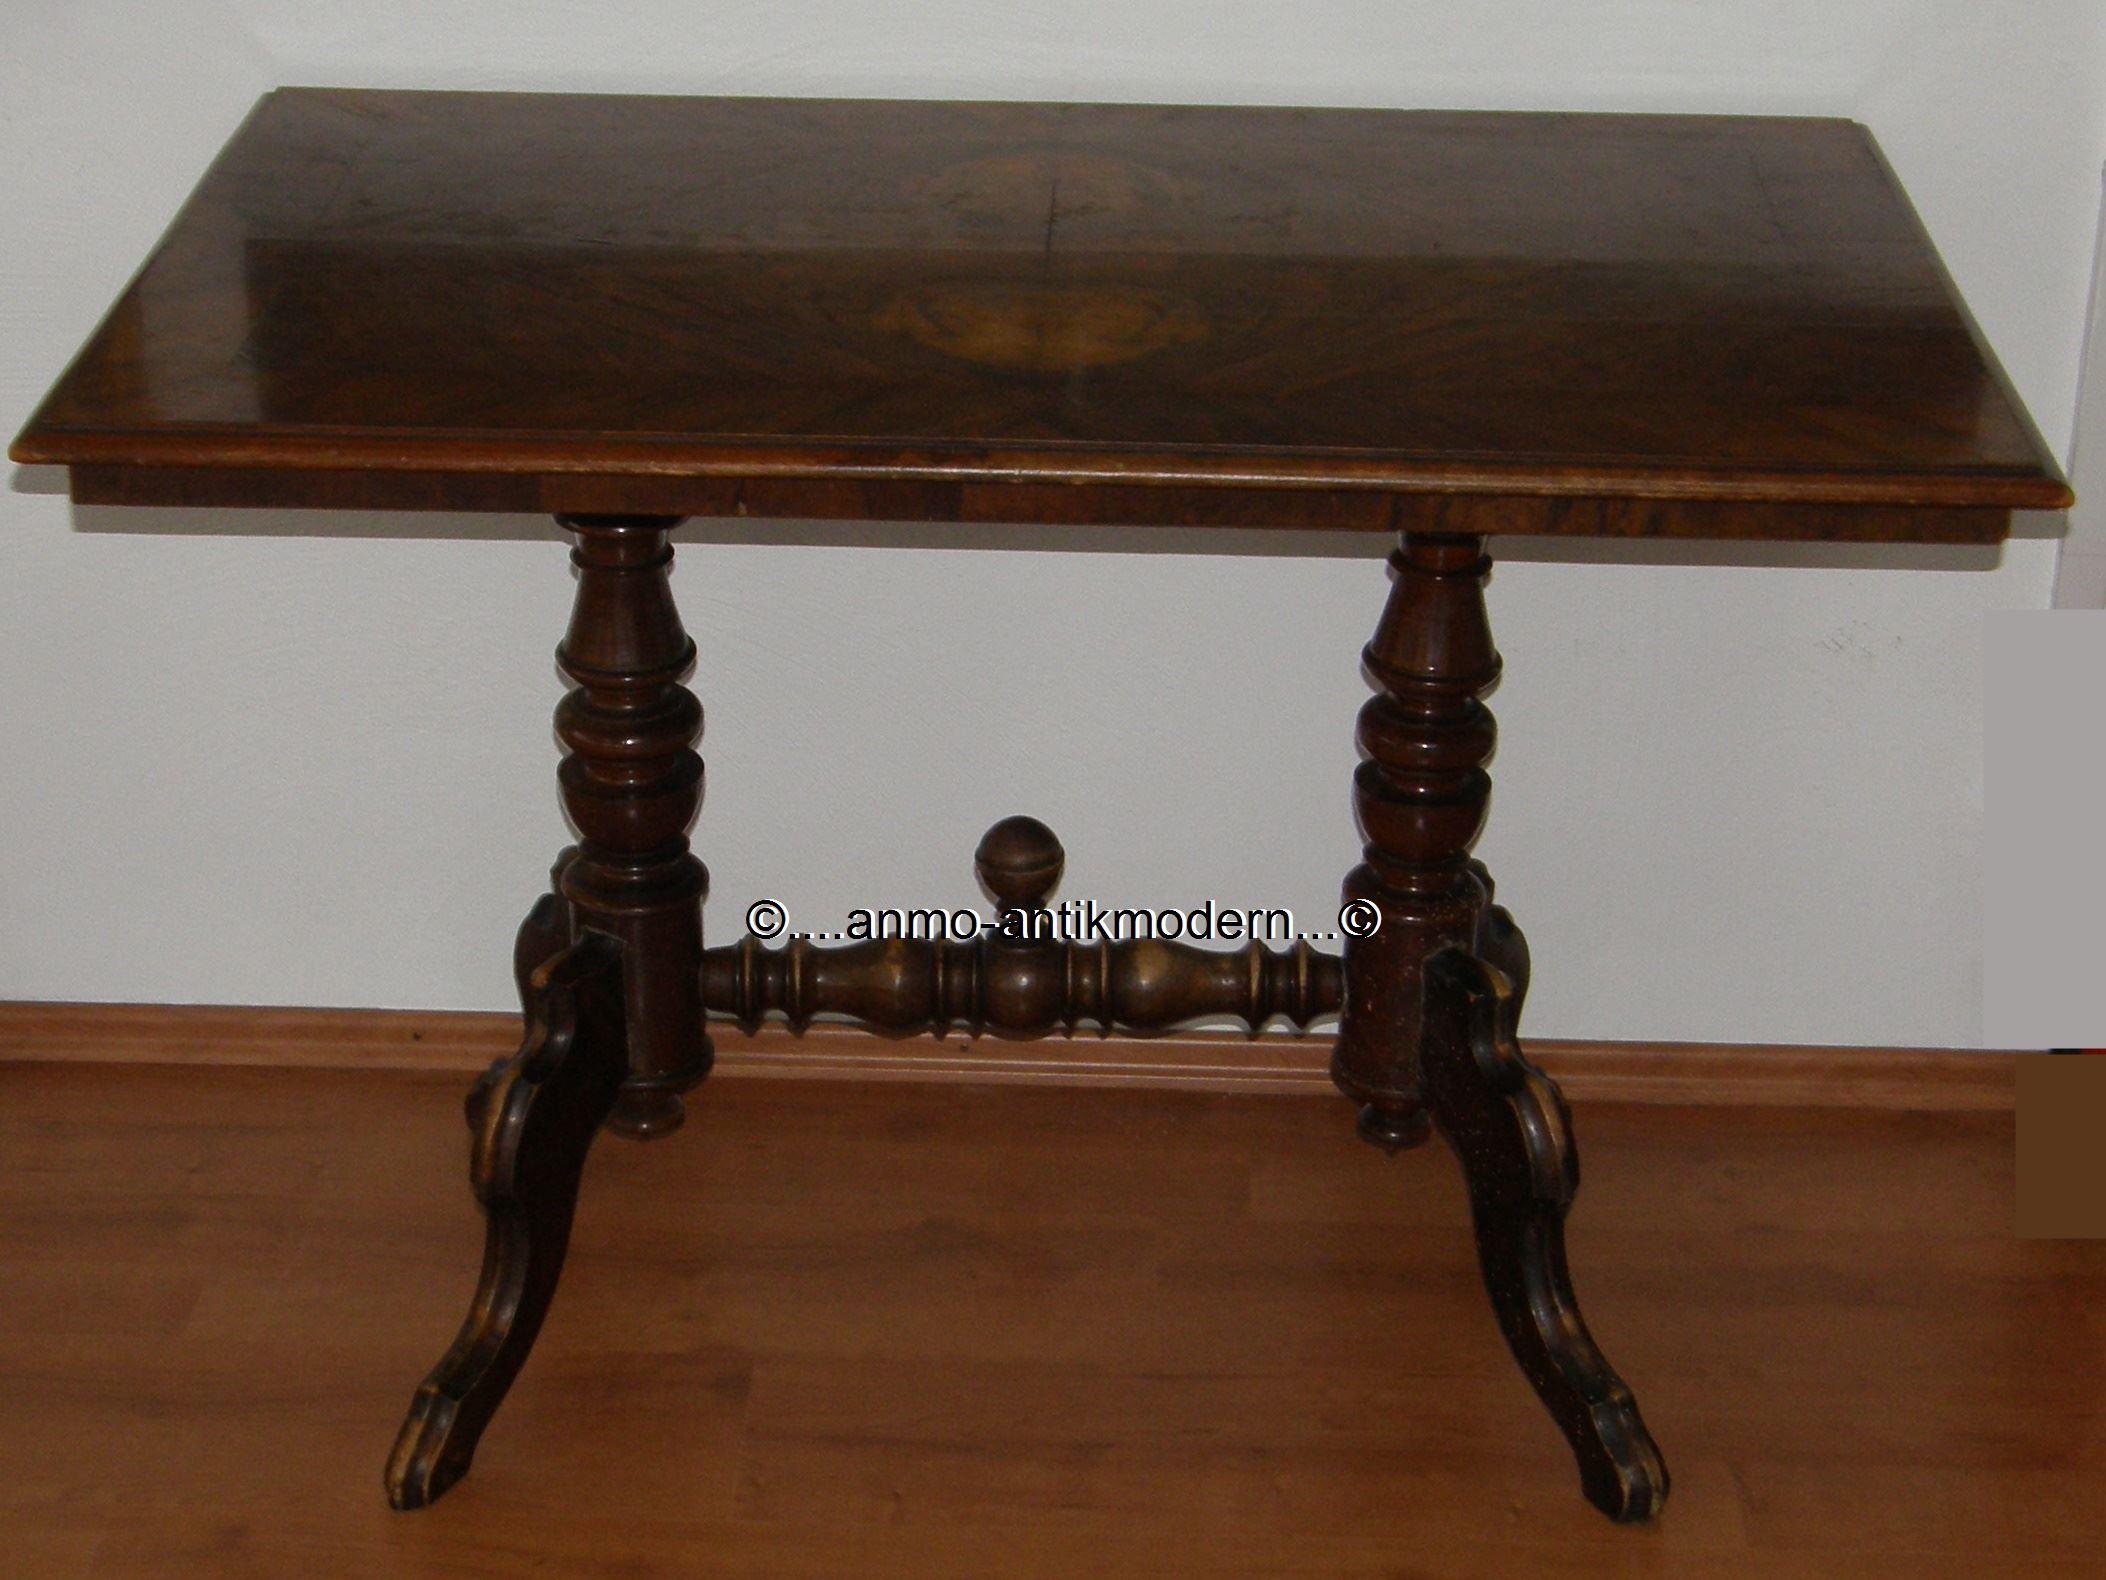 Alten Tisch Restaurieren ~ anmoantikmodernde  Alter Tisch vor 1900 zum Restaurieren Gründerzeit KEIN